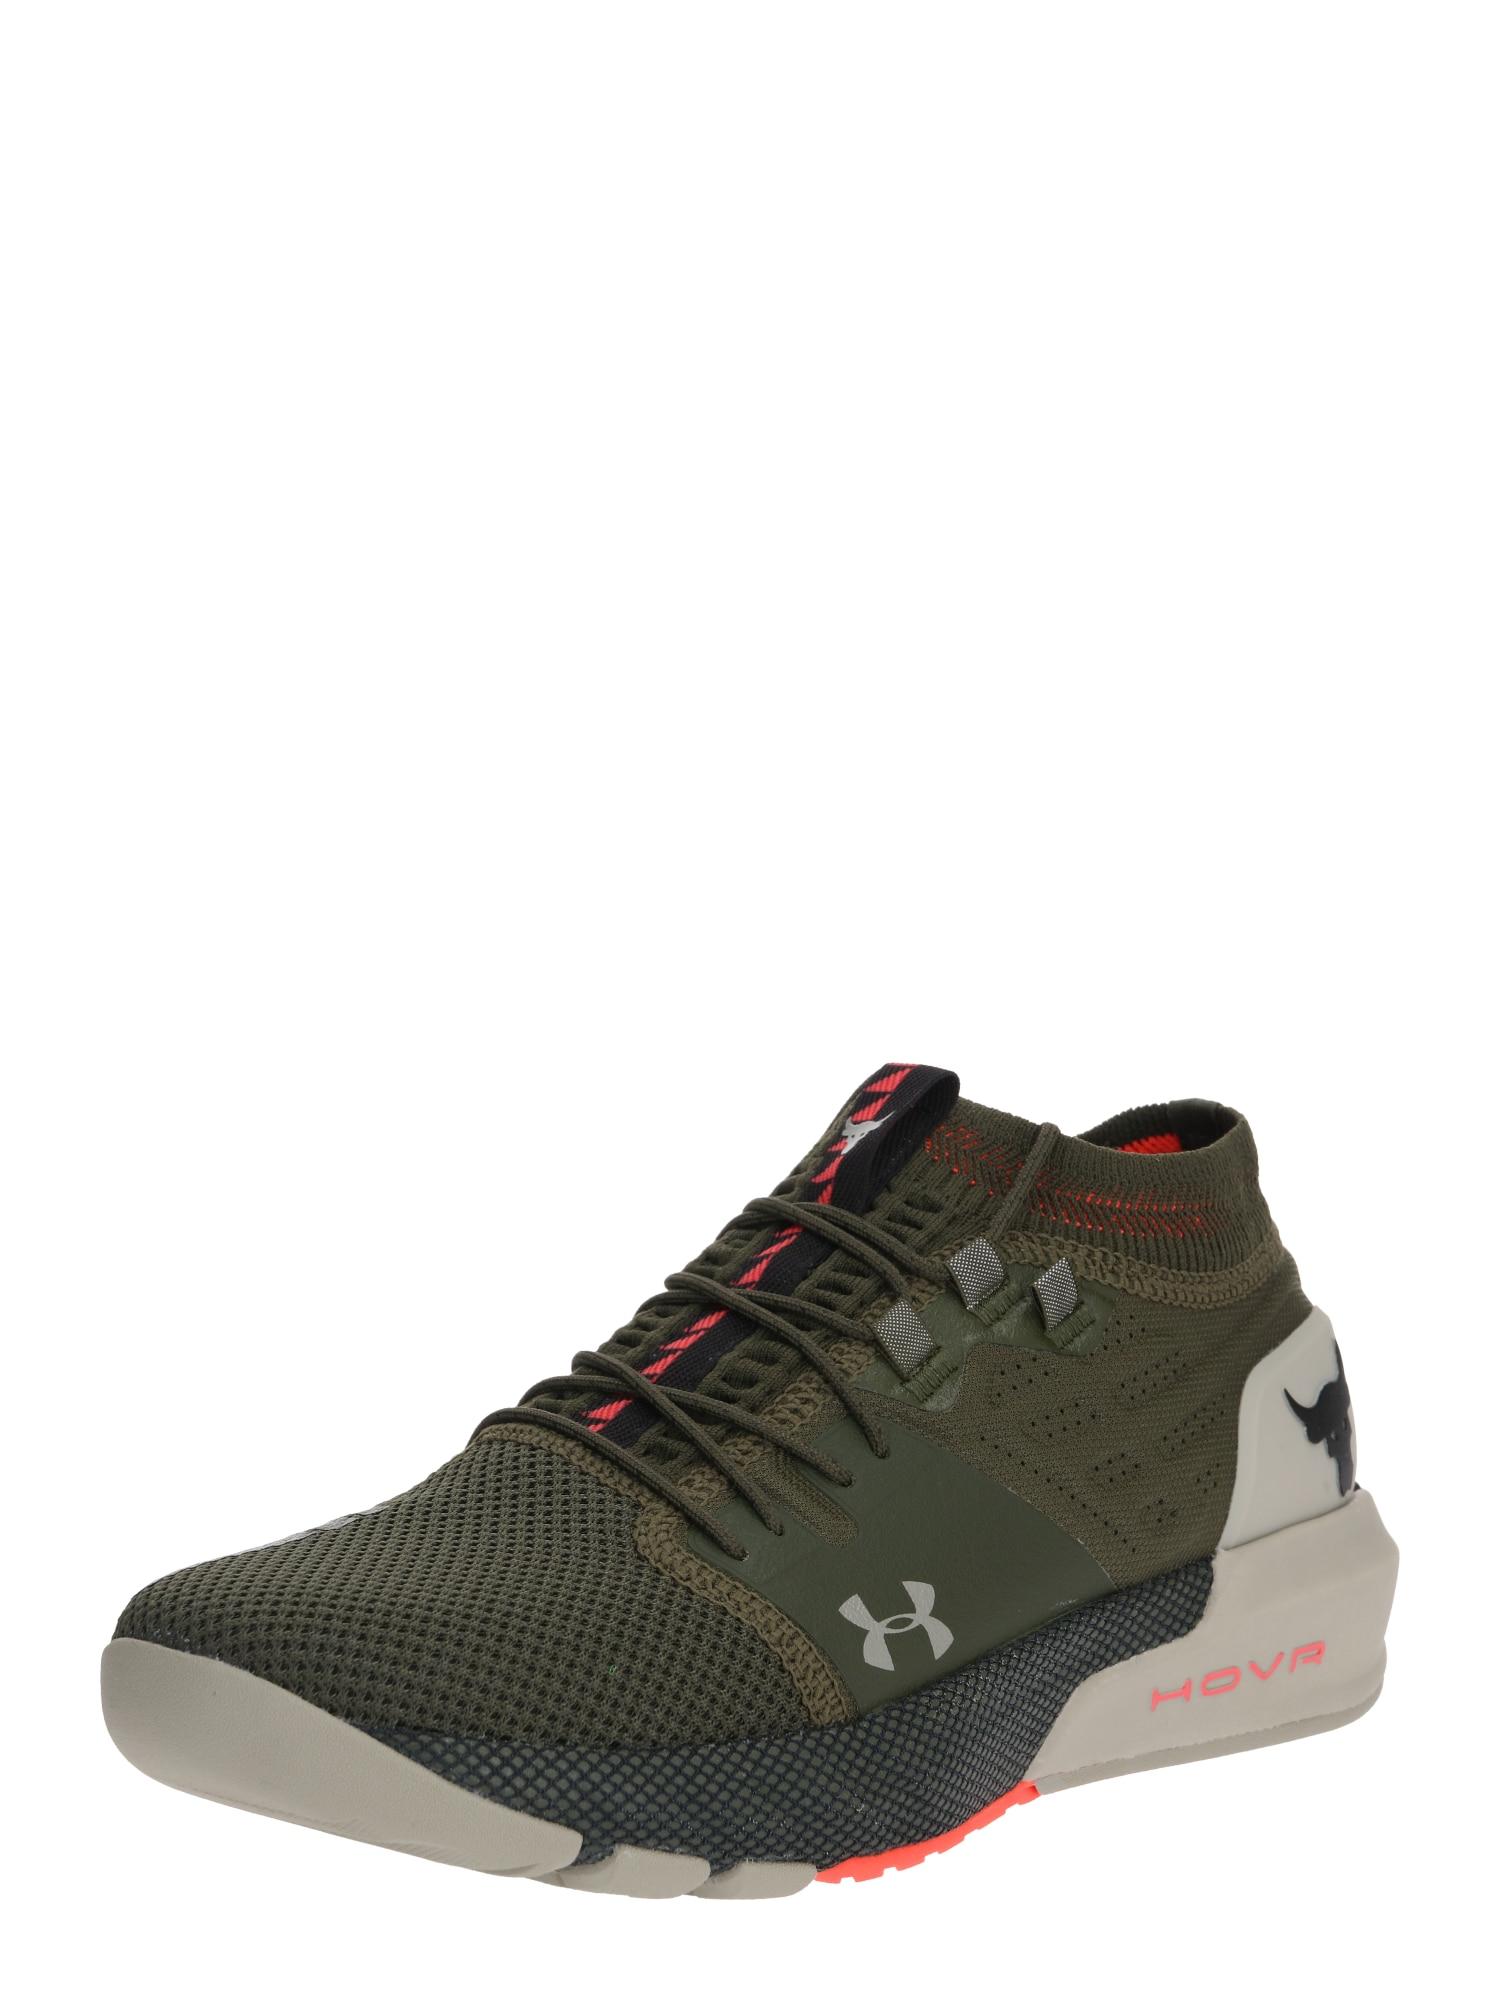 UNDER ARMOUR Sportiniai batai 'UA Project Rock 2' ruda / rusvai žalia